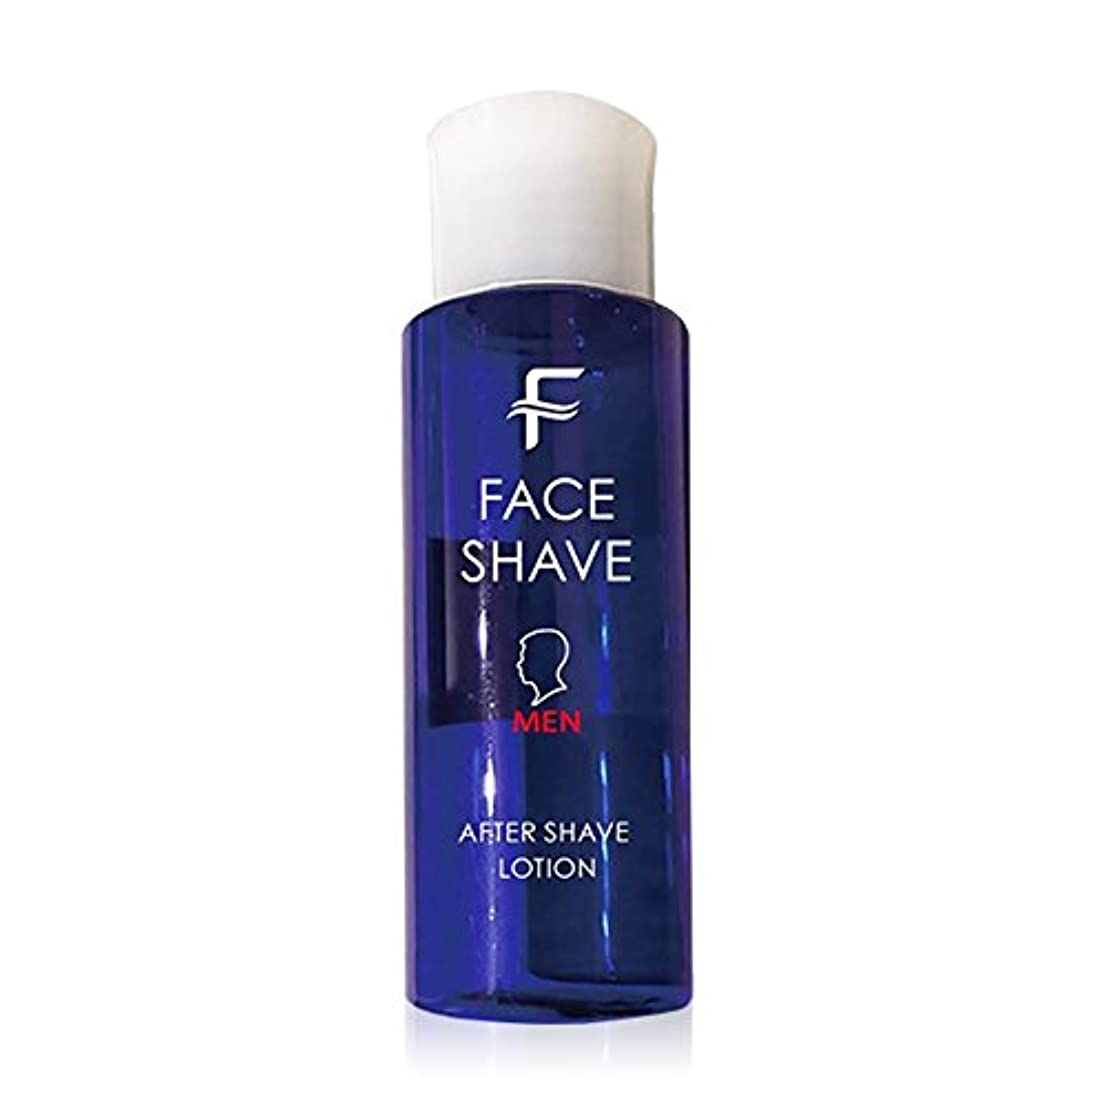 植物学者毎日ルアーフェイスシェーブ 青ヒゲ対策~濃いひげ?青ひげに悩む全ての人へ~ 自宅で気になる髭をケア